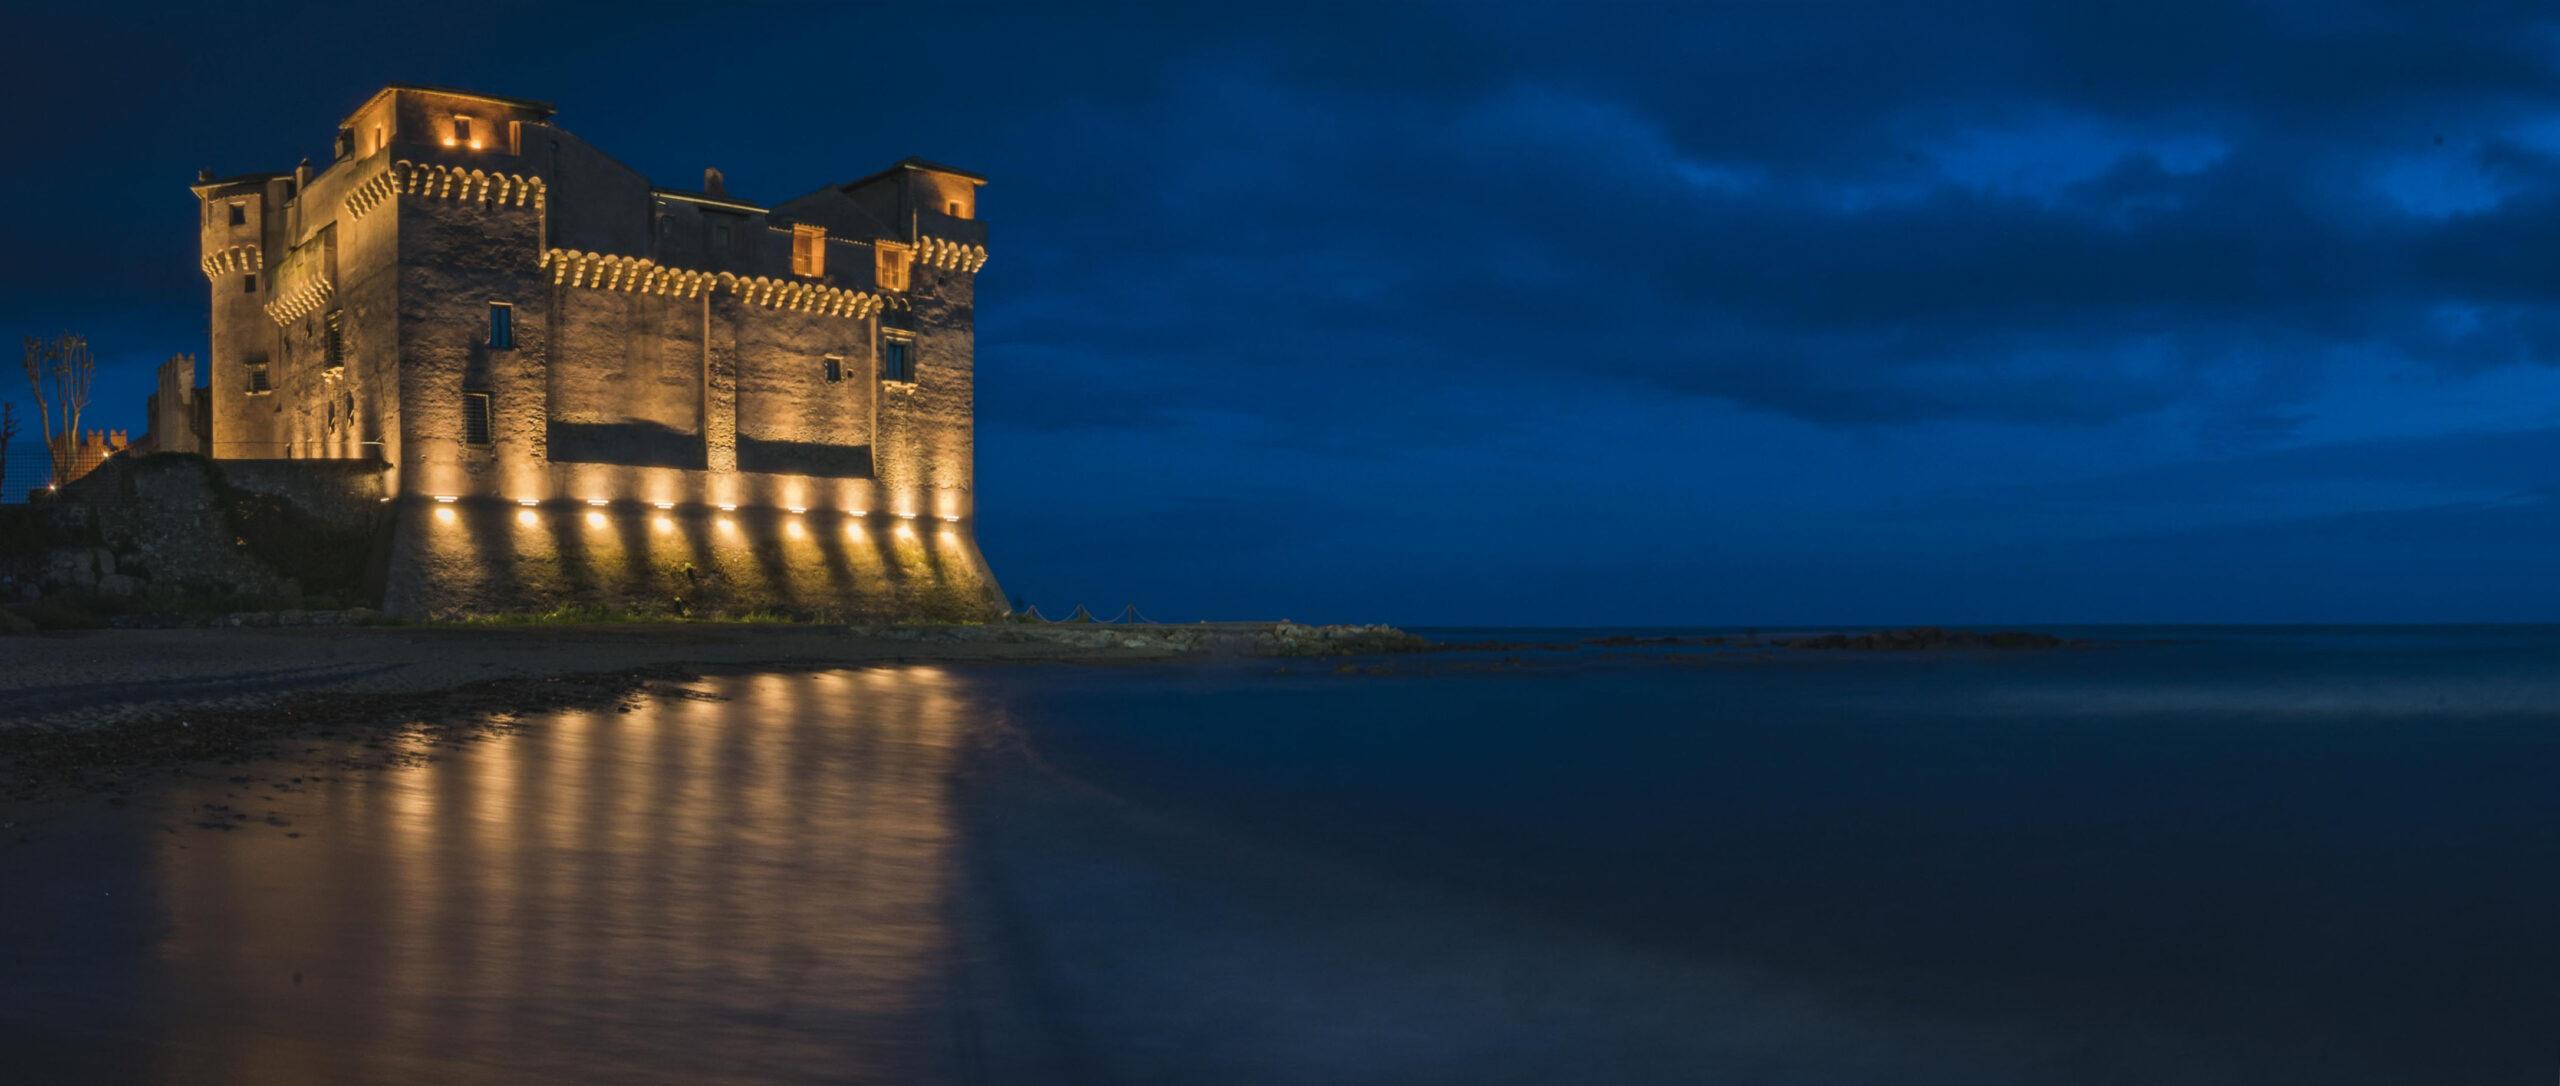 Castello di Santa Severa: Aperimusica e Valerio Massimo Manfredi